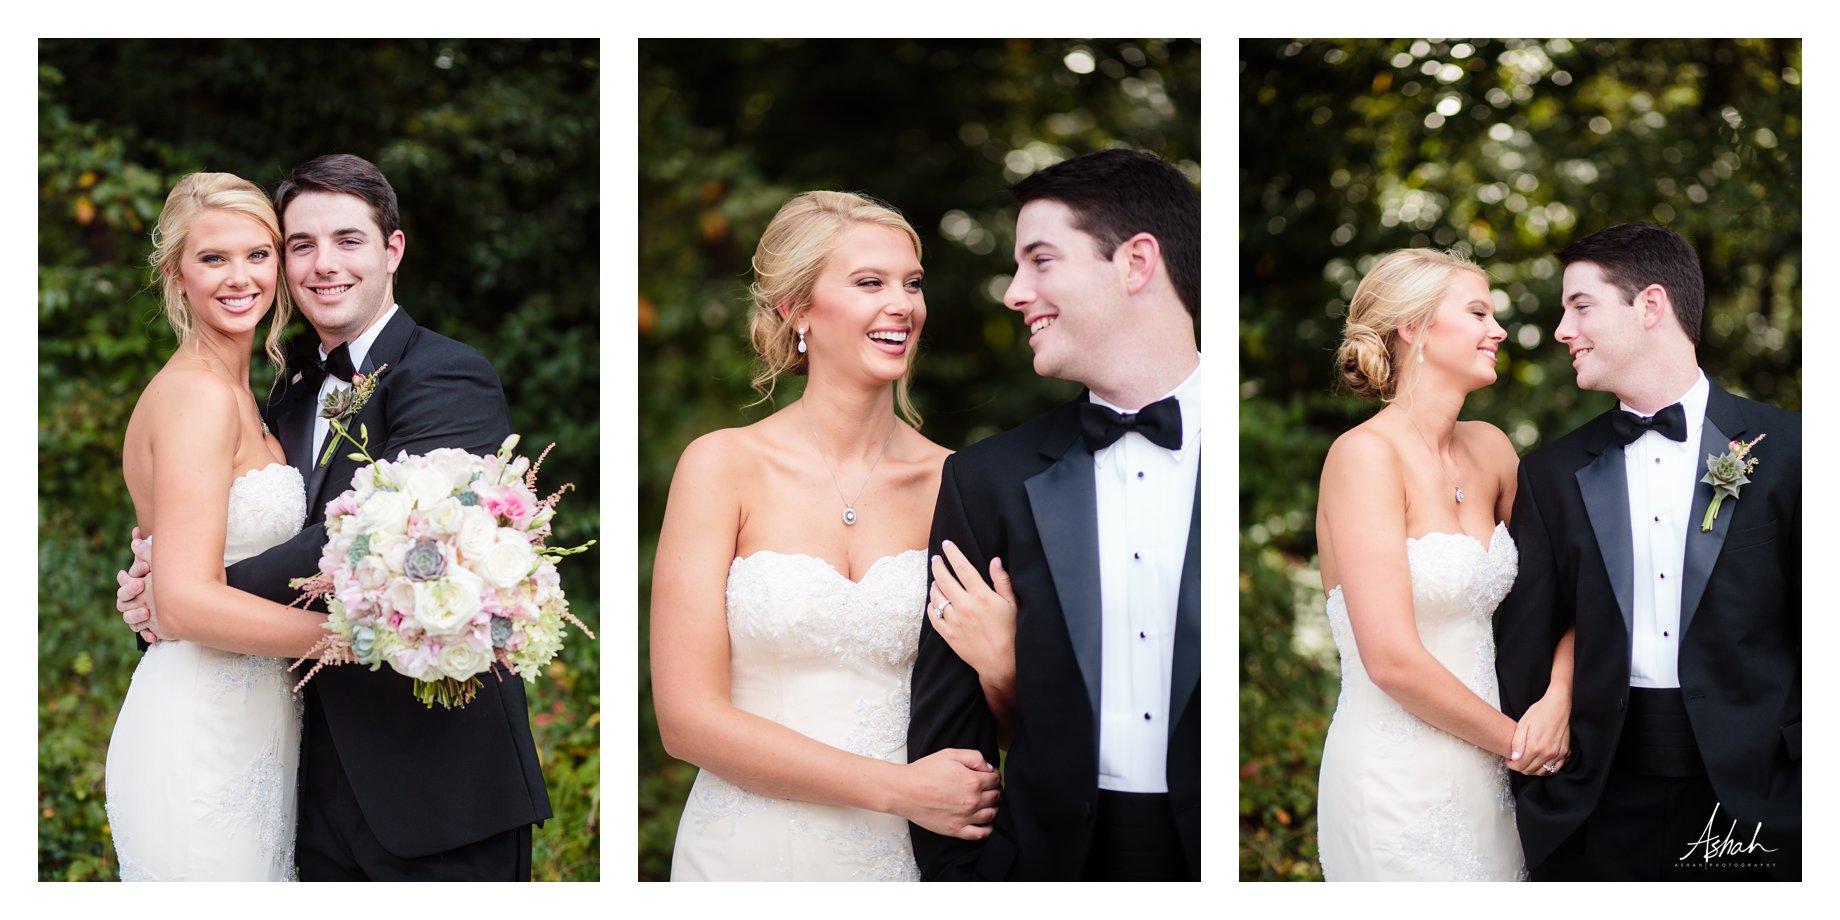 Love in the Garden - The Couple - Macon Wedding Photographer